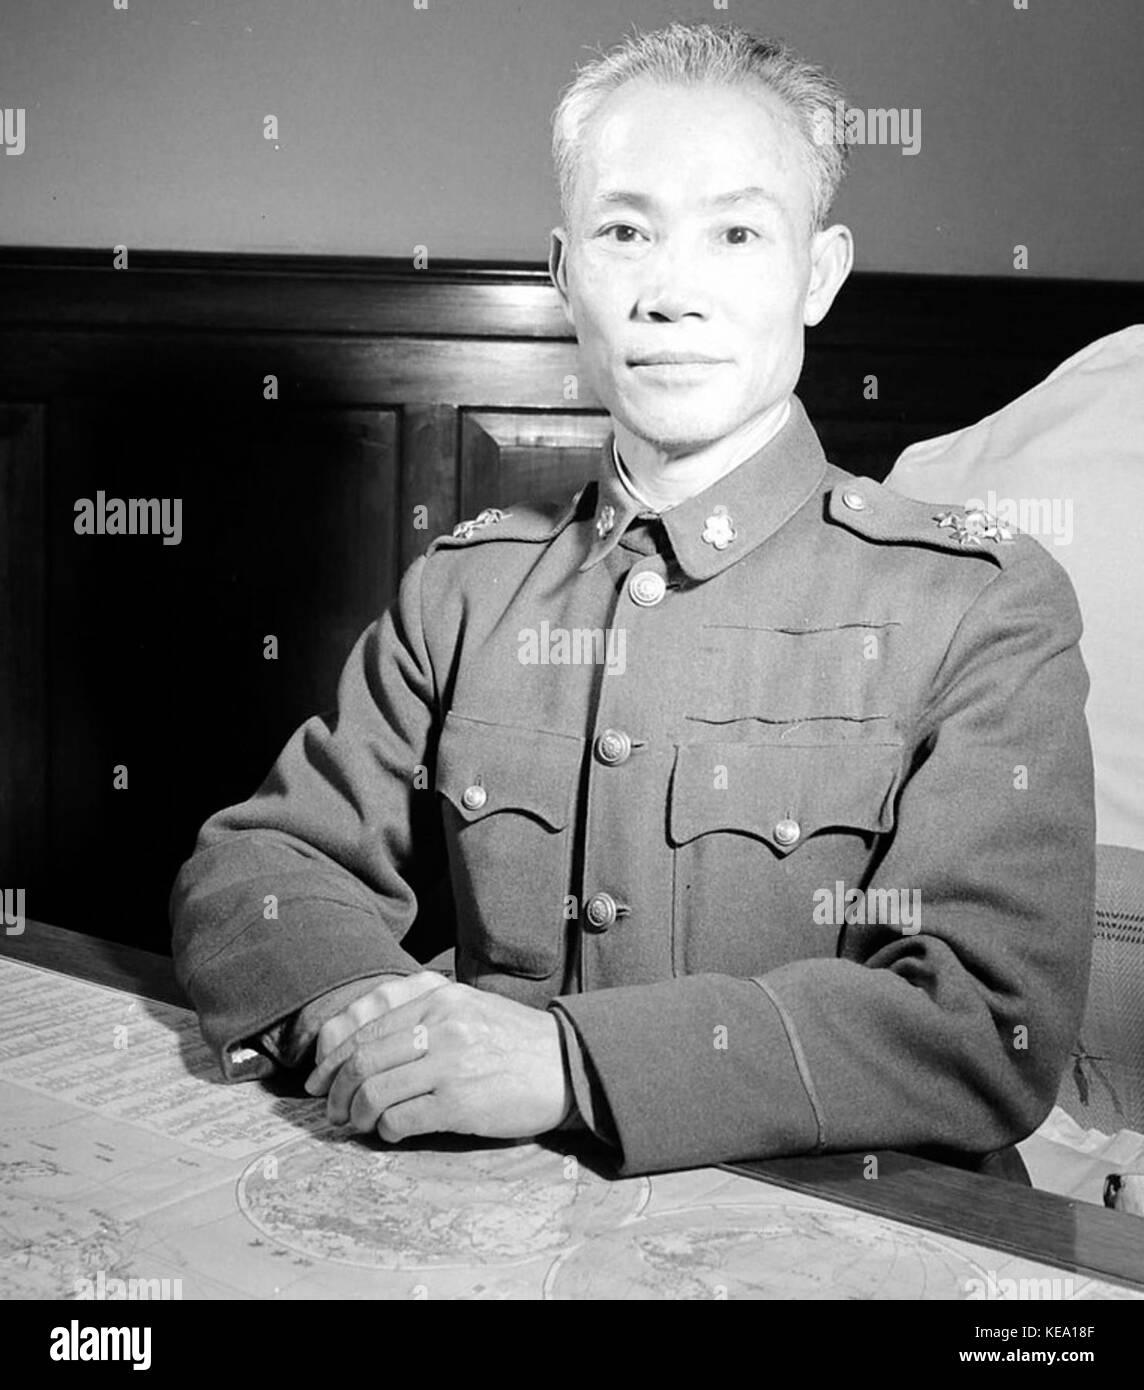 Chen Yunshang